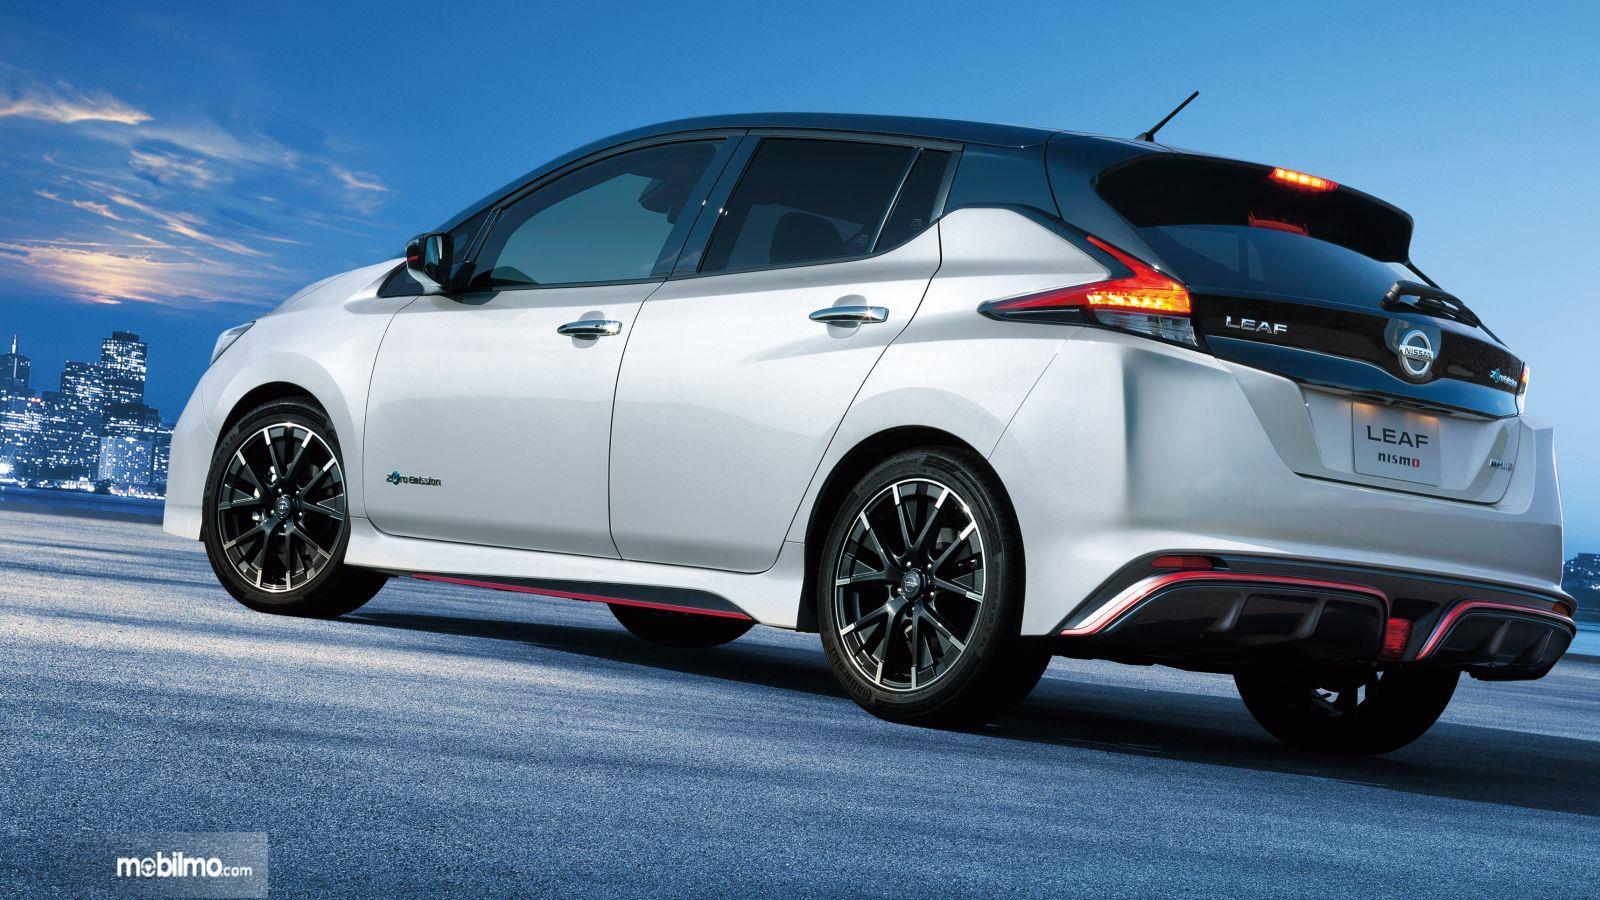 Foto Nissan LEAF tampak dari samping